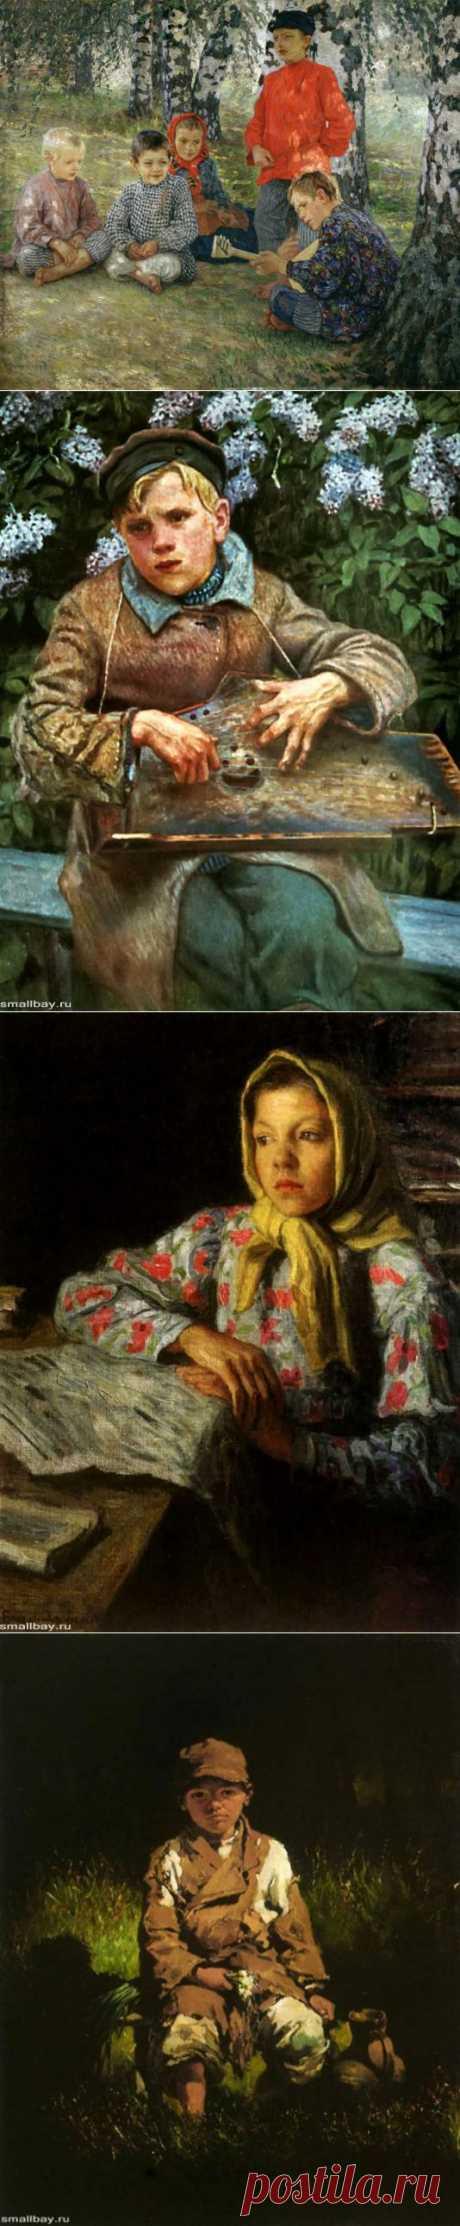 (+1) тема - Николай Богданов-Бельский | Искусство